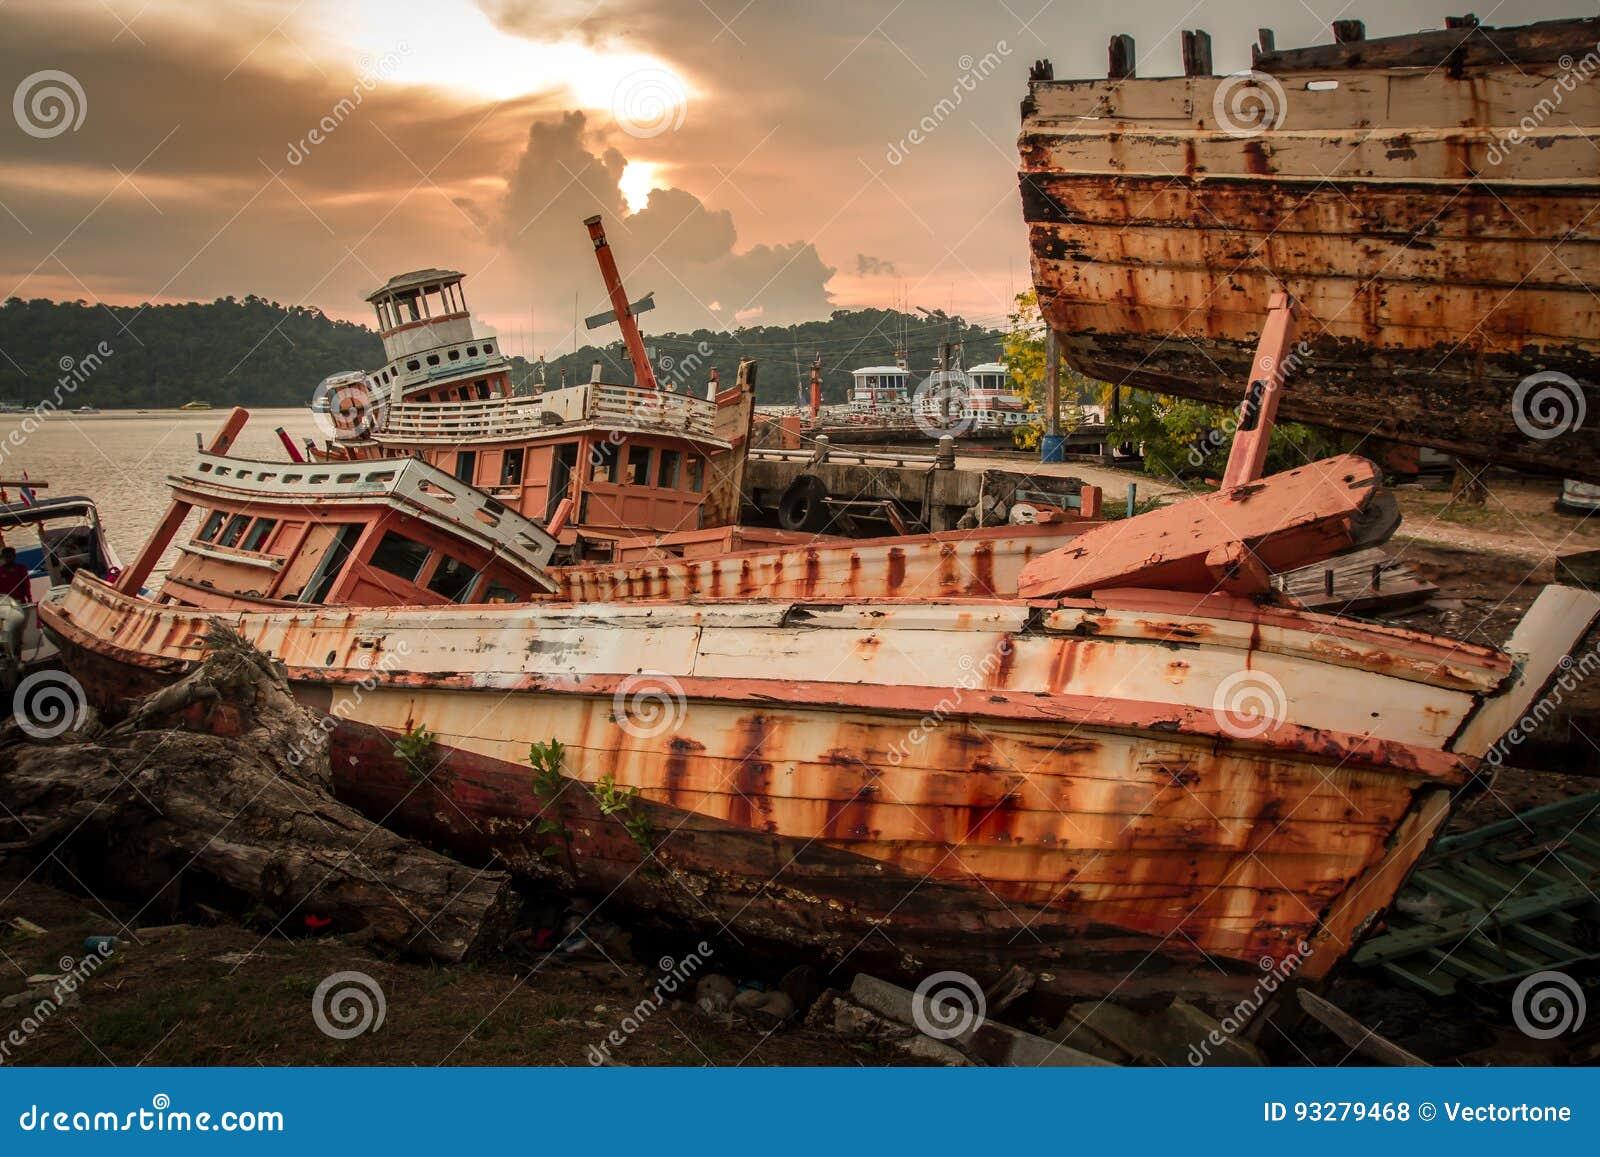 Łamana łódź rybacka opuszczał zaniechany blisko schronienia na ziemi